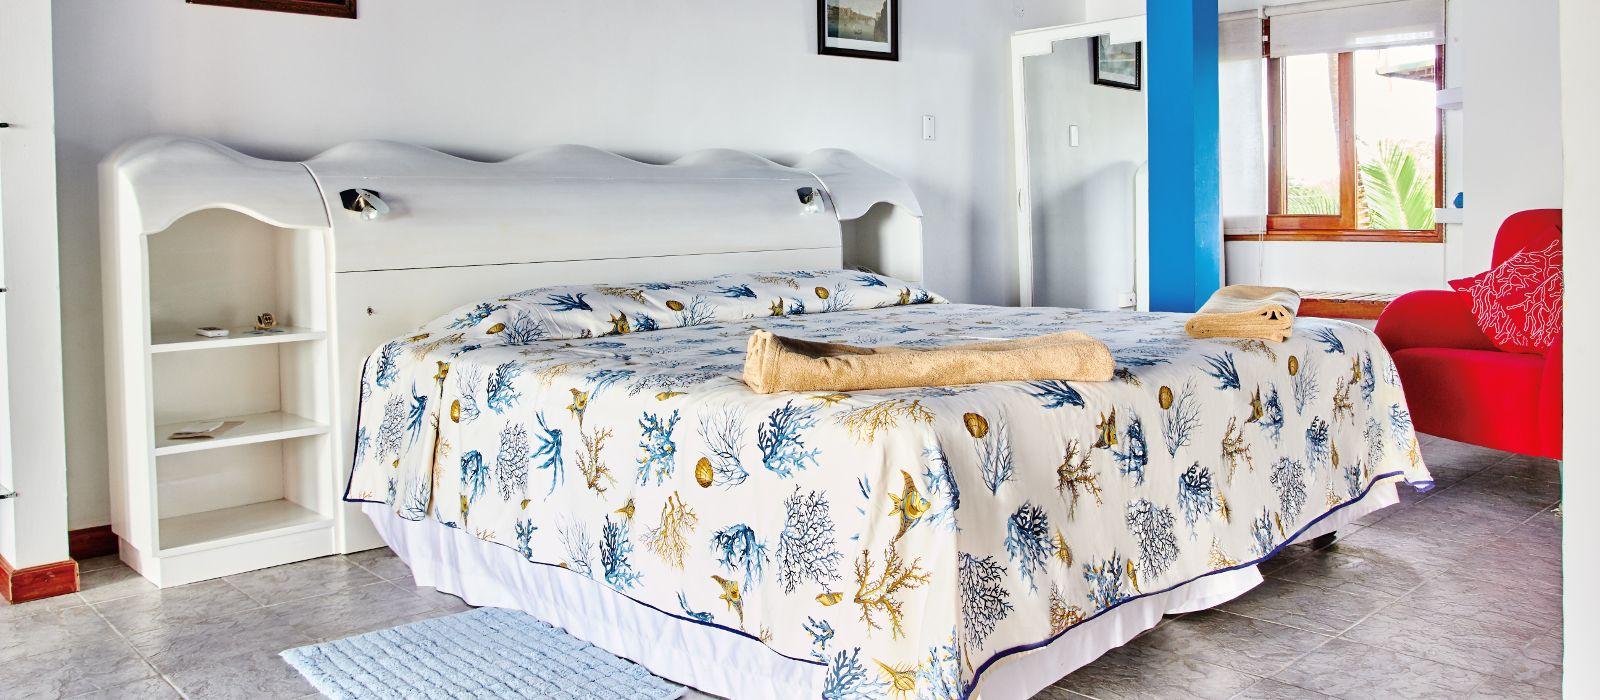 Hotel La Casa de Marita Ecuador/Galapagos